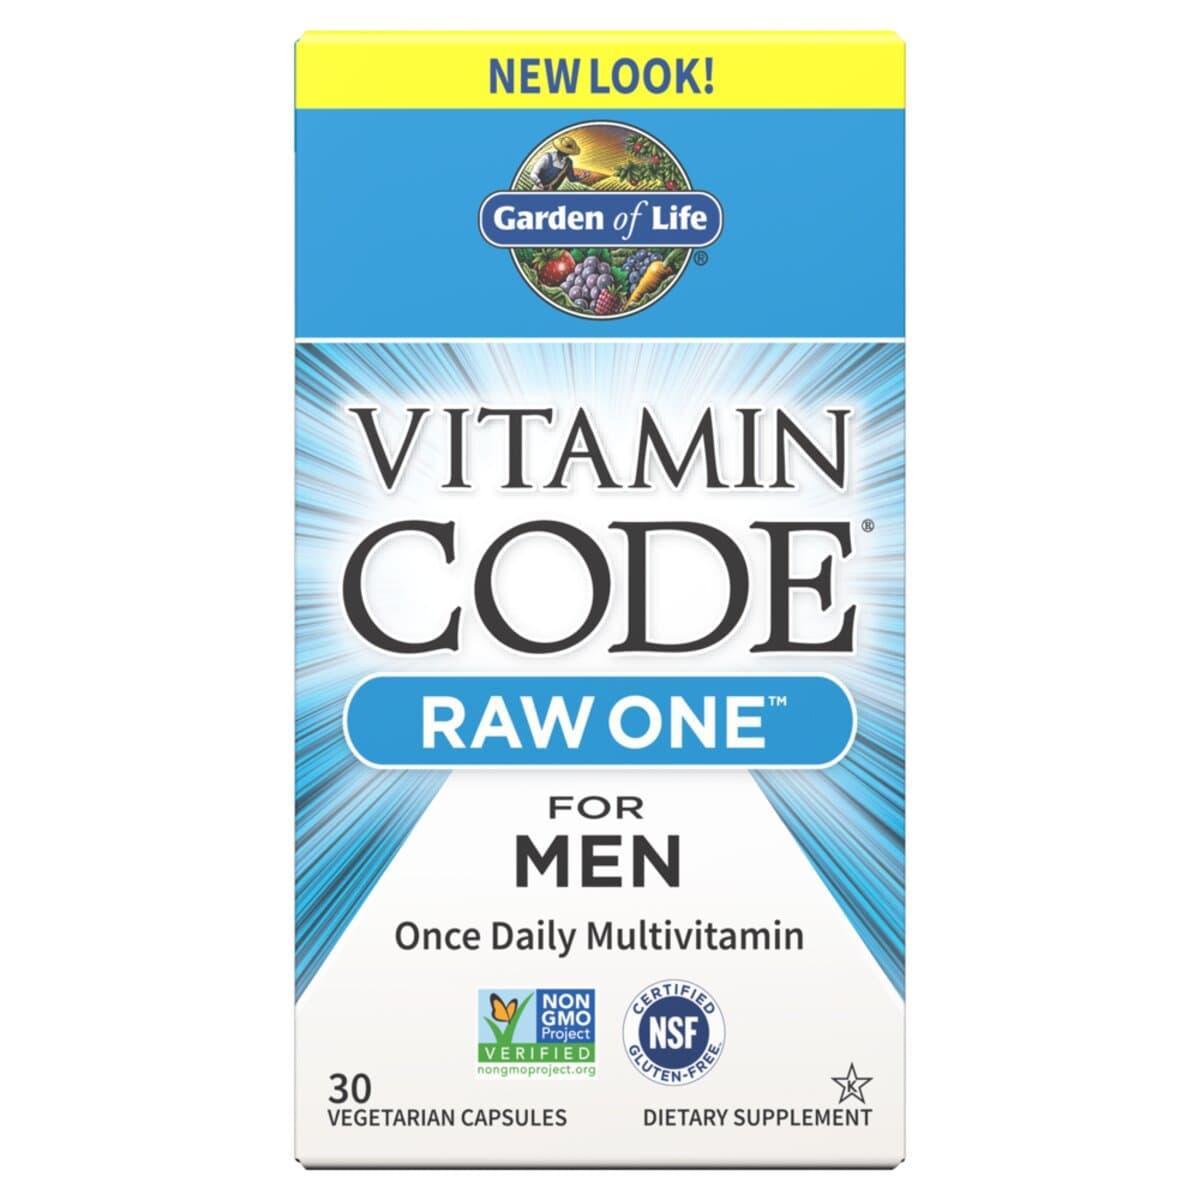 Сырые Мультивитамины для Мужчин, Raw  One for Men, Vitamin Code, Garden of Life, 30 вегетарианских капсул